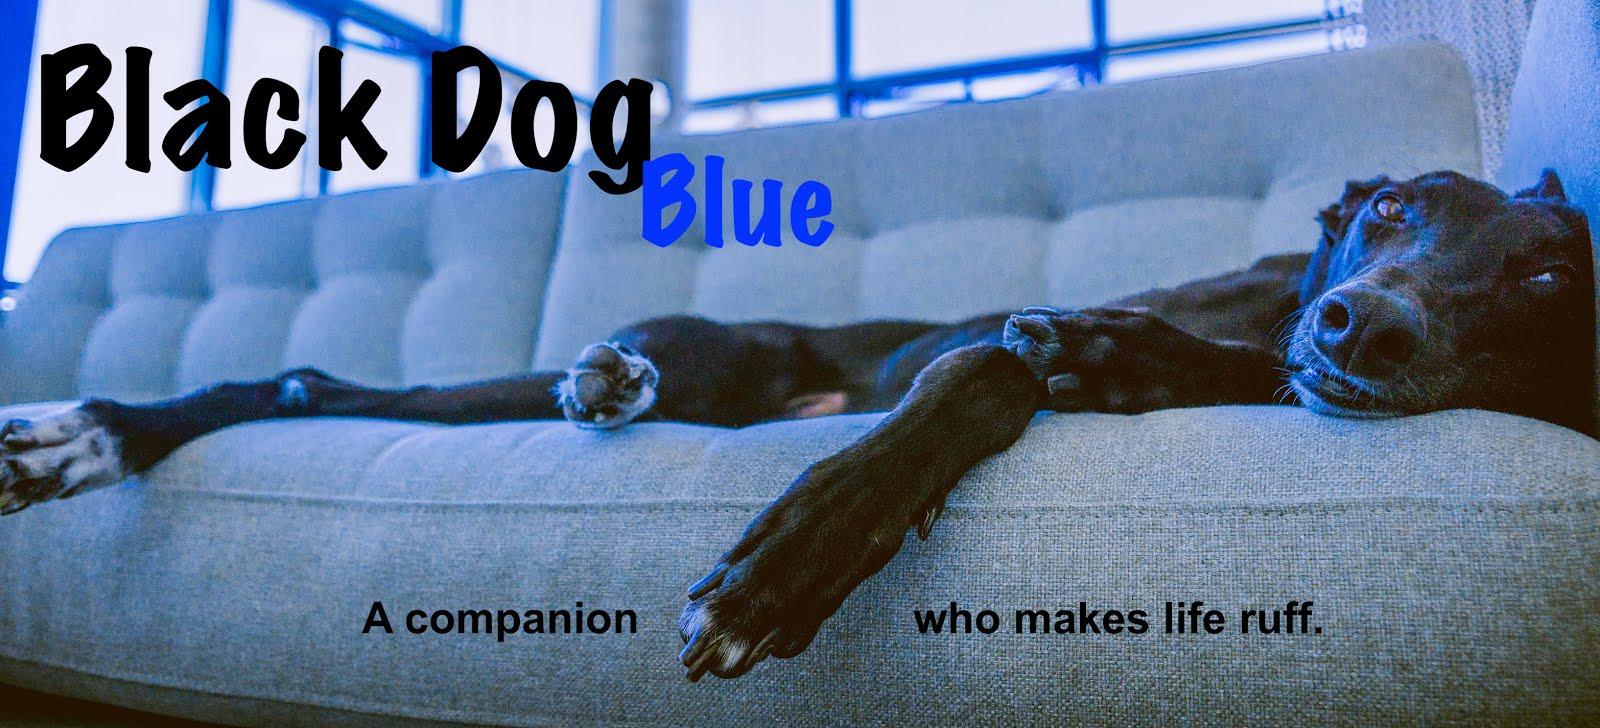 Black Dog Blue